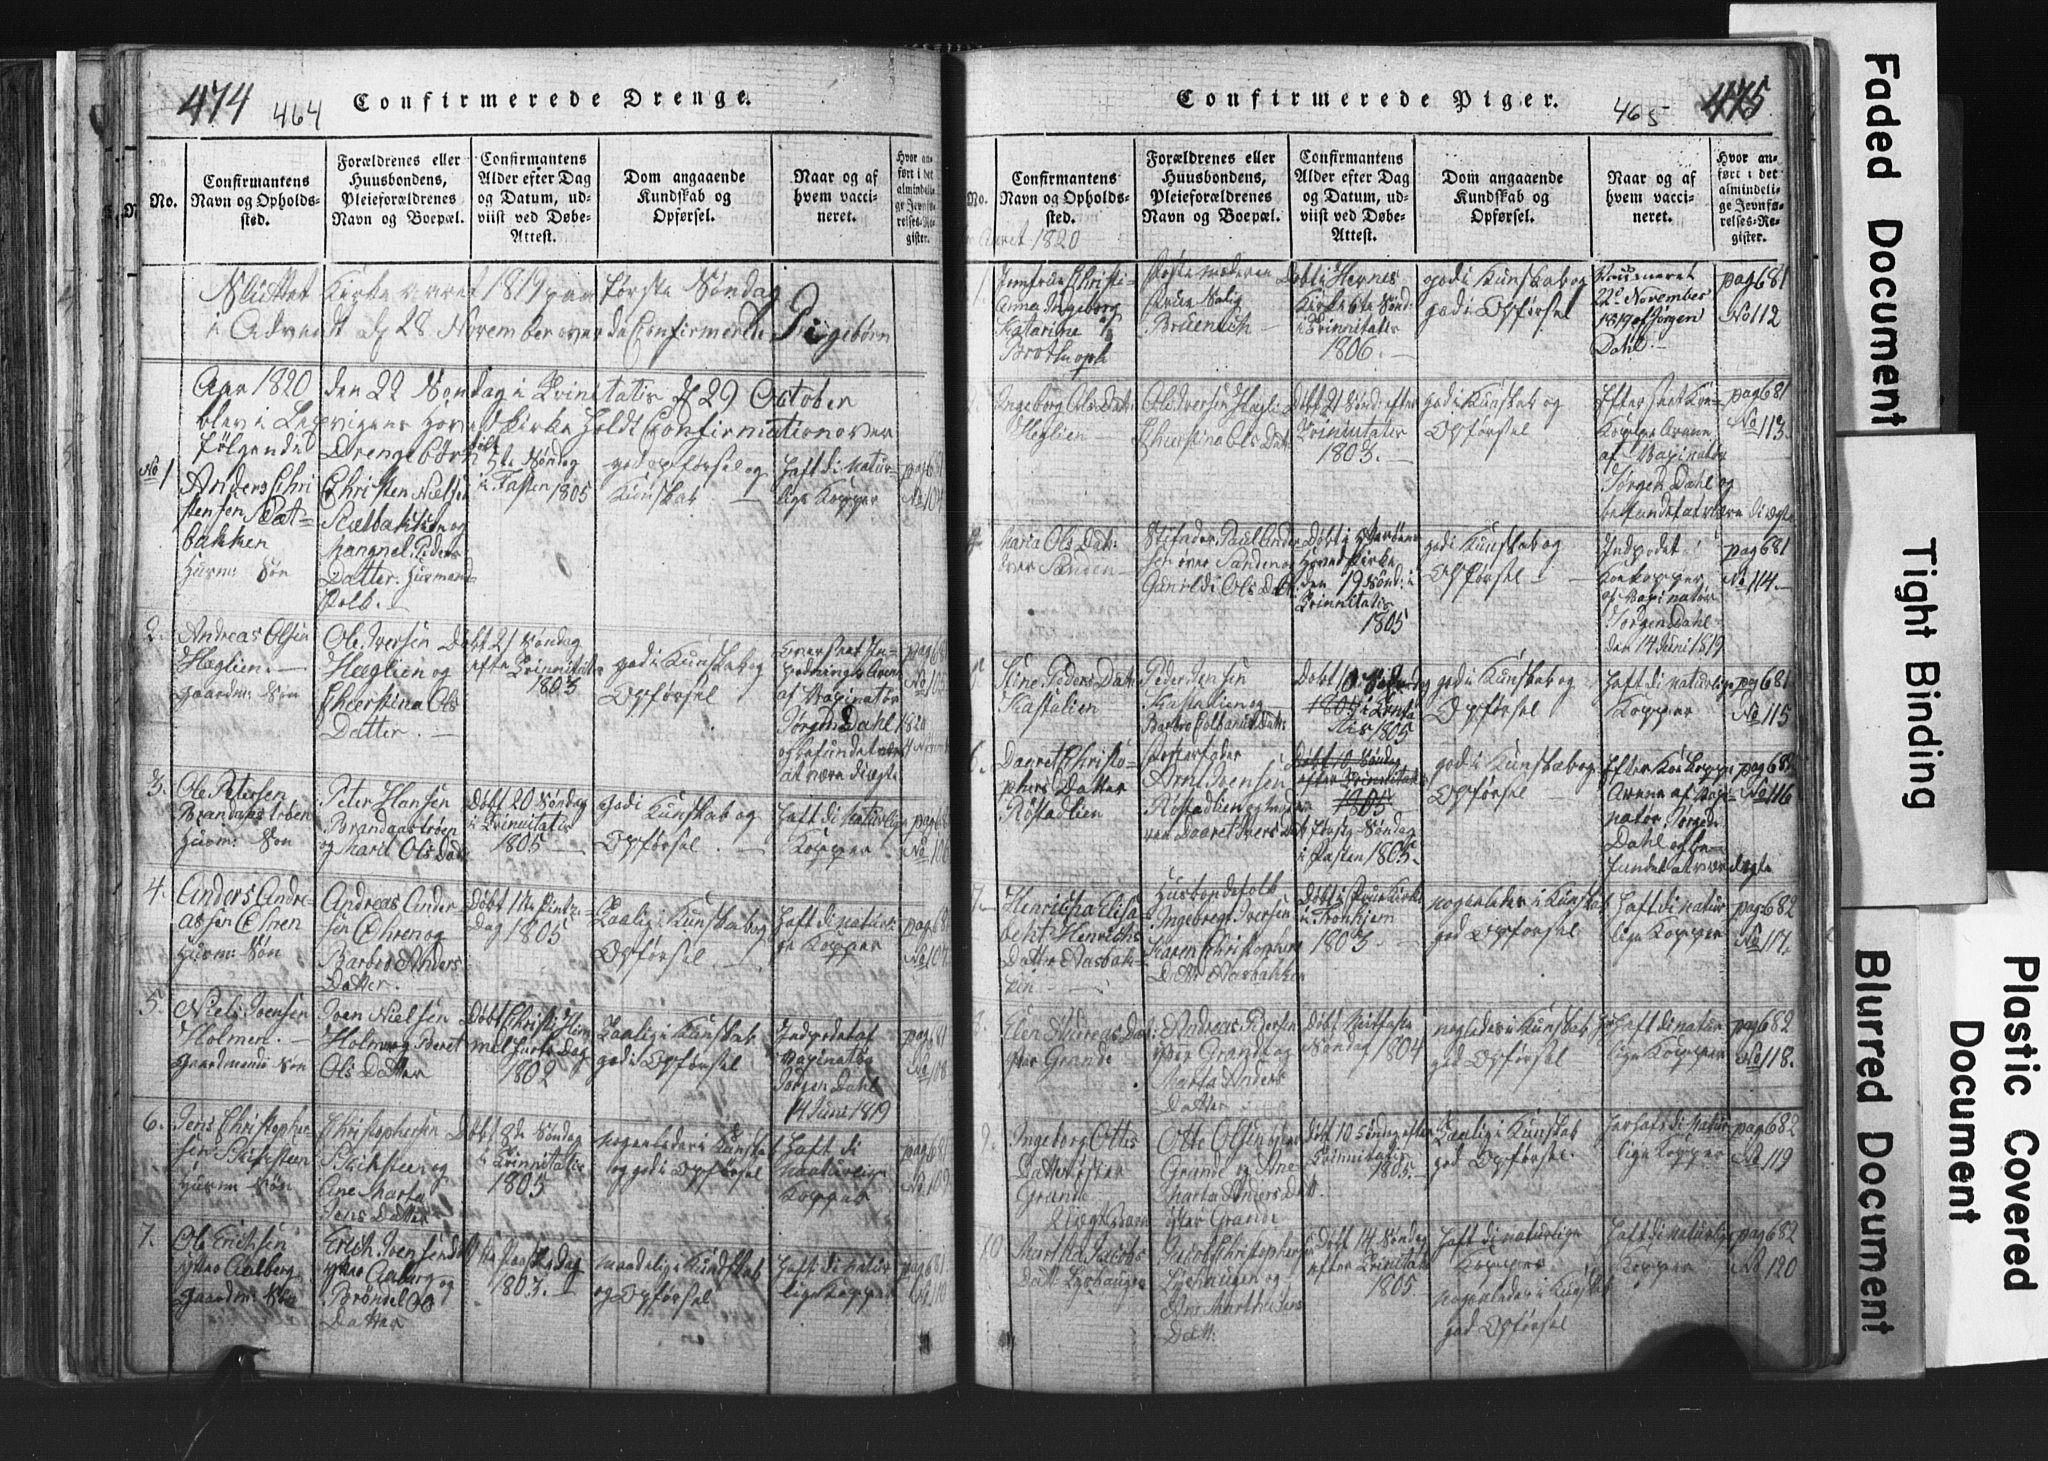 SAT, Ministerialprotokoller, klokkerbøker og fødselsregistre - Nord-Trøndelag, 701/L0017: Klokkerbok nr. 701C01, 1817-1825, s. 464-465